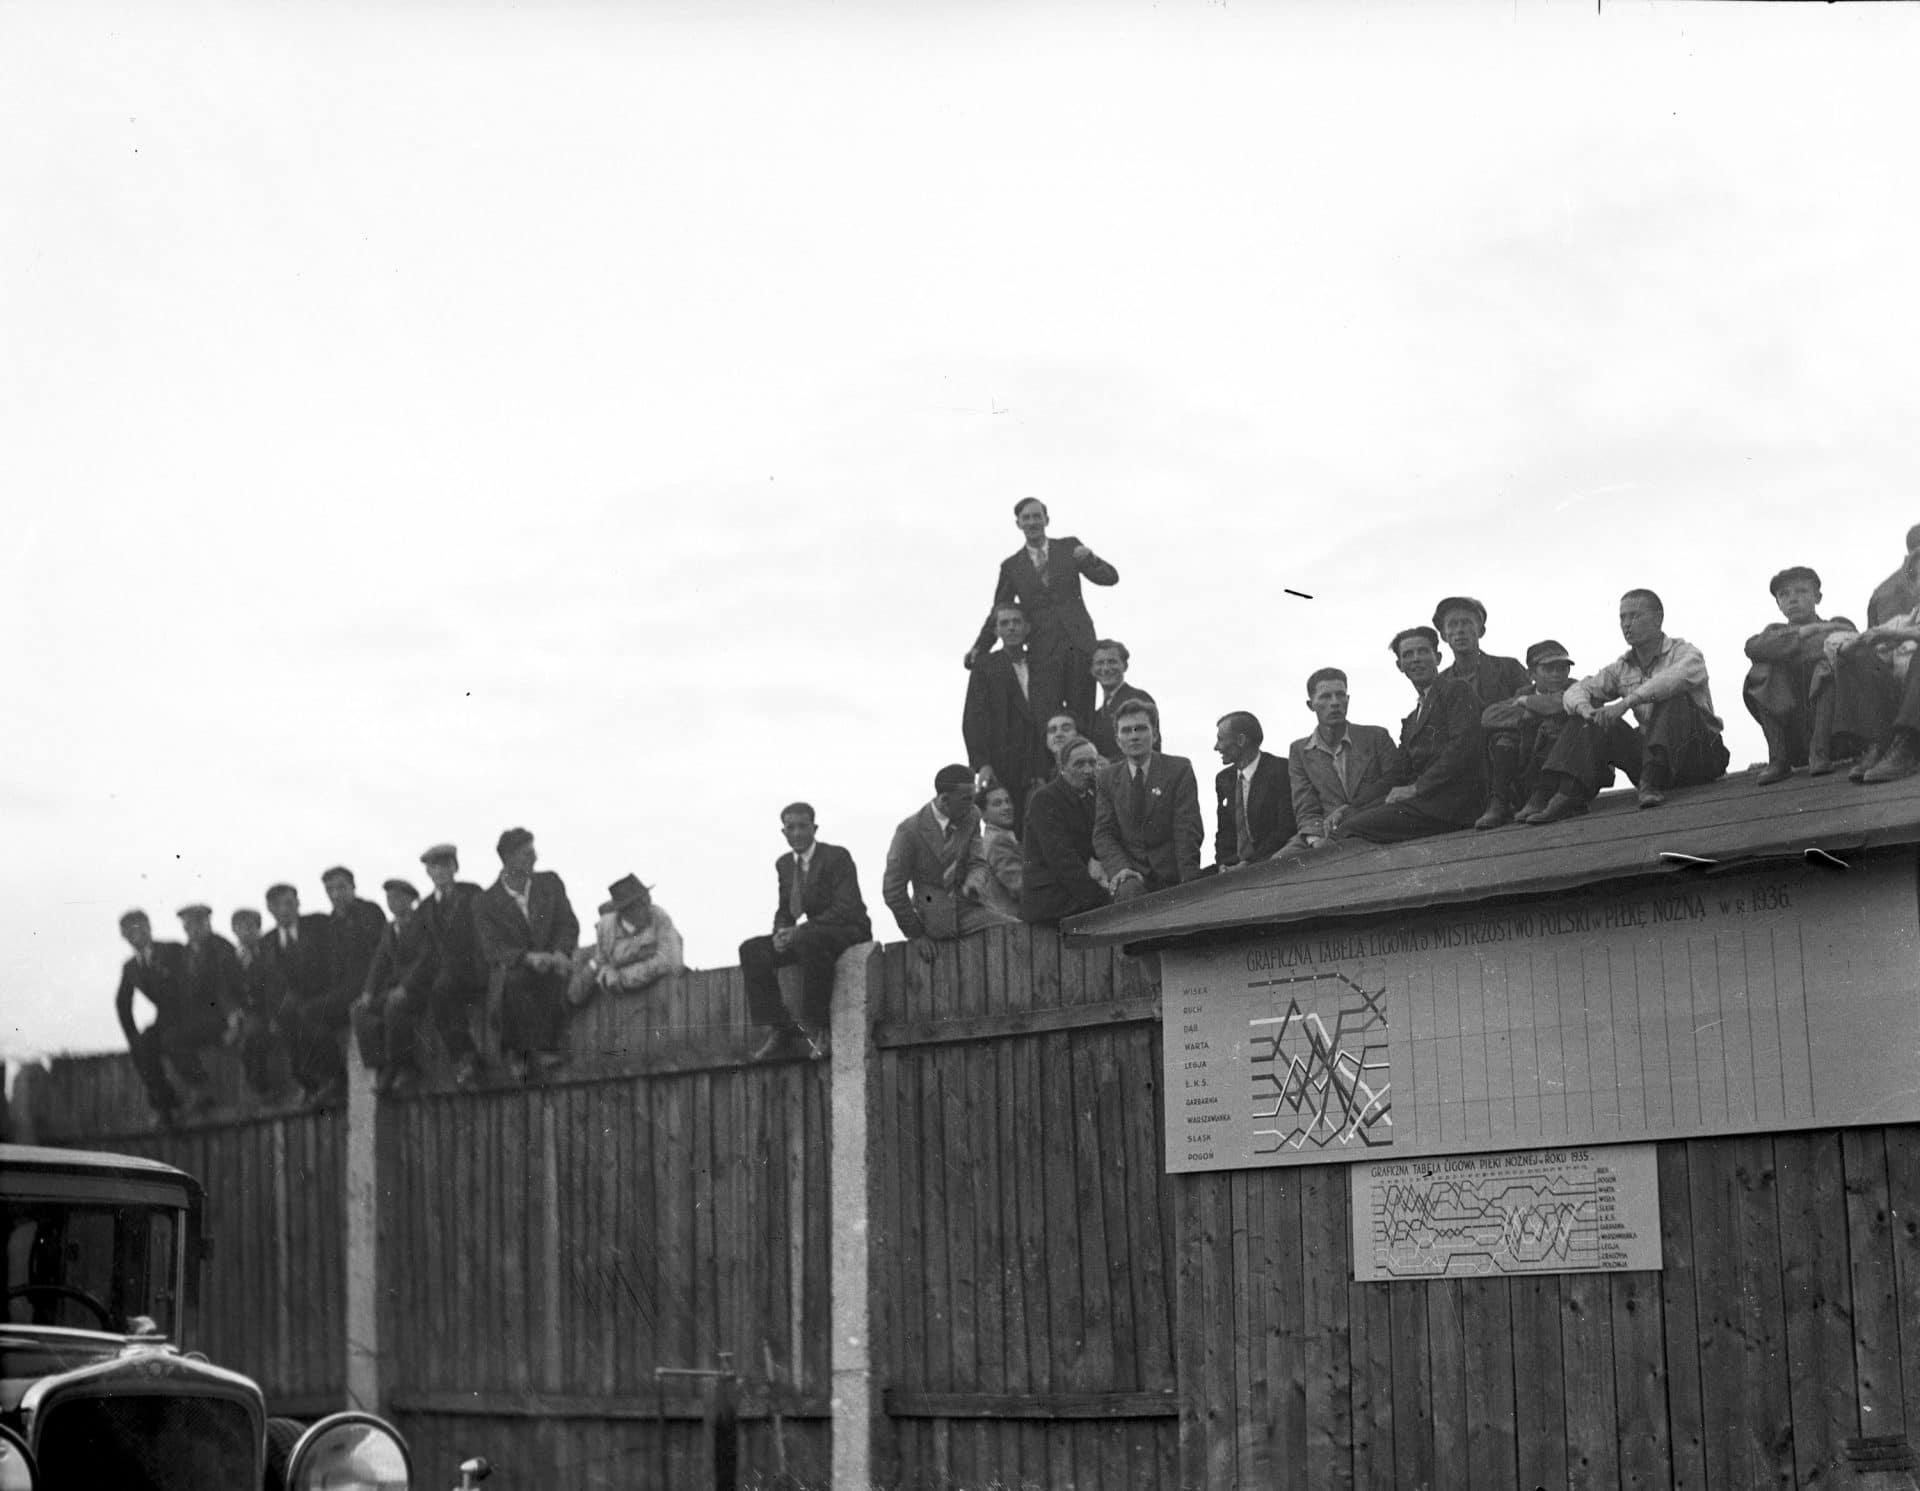 Siedzący na płocie kibice oglądają mecz Wisła - Chelsea, który rozegrano w 1936 roku. Źródło: Narodowe Archiwum Cyfrowe.